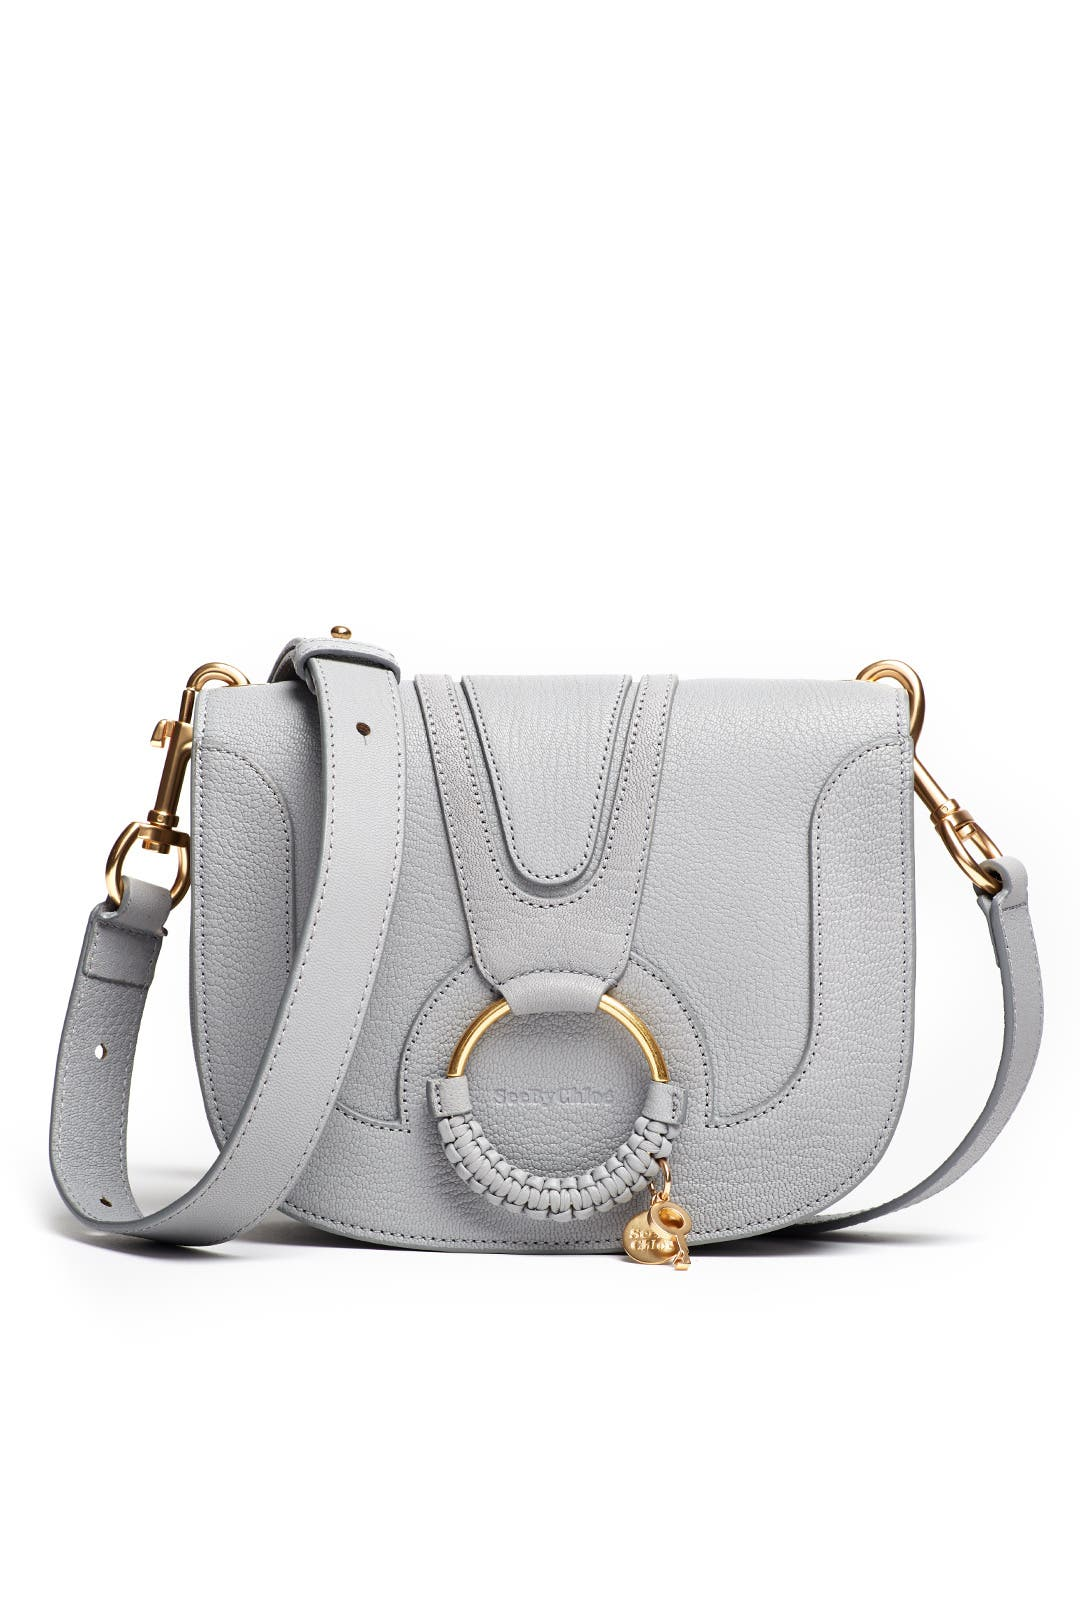 Hana shoulder bag - Grey See By Chlo KXbwxV